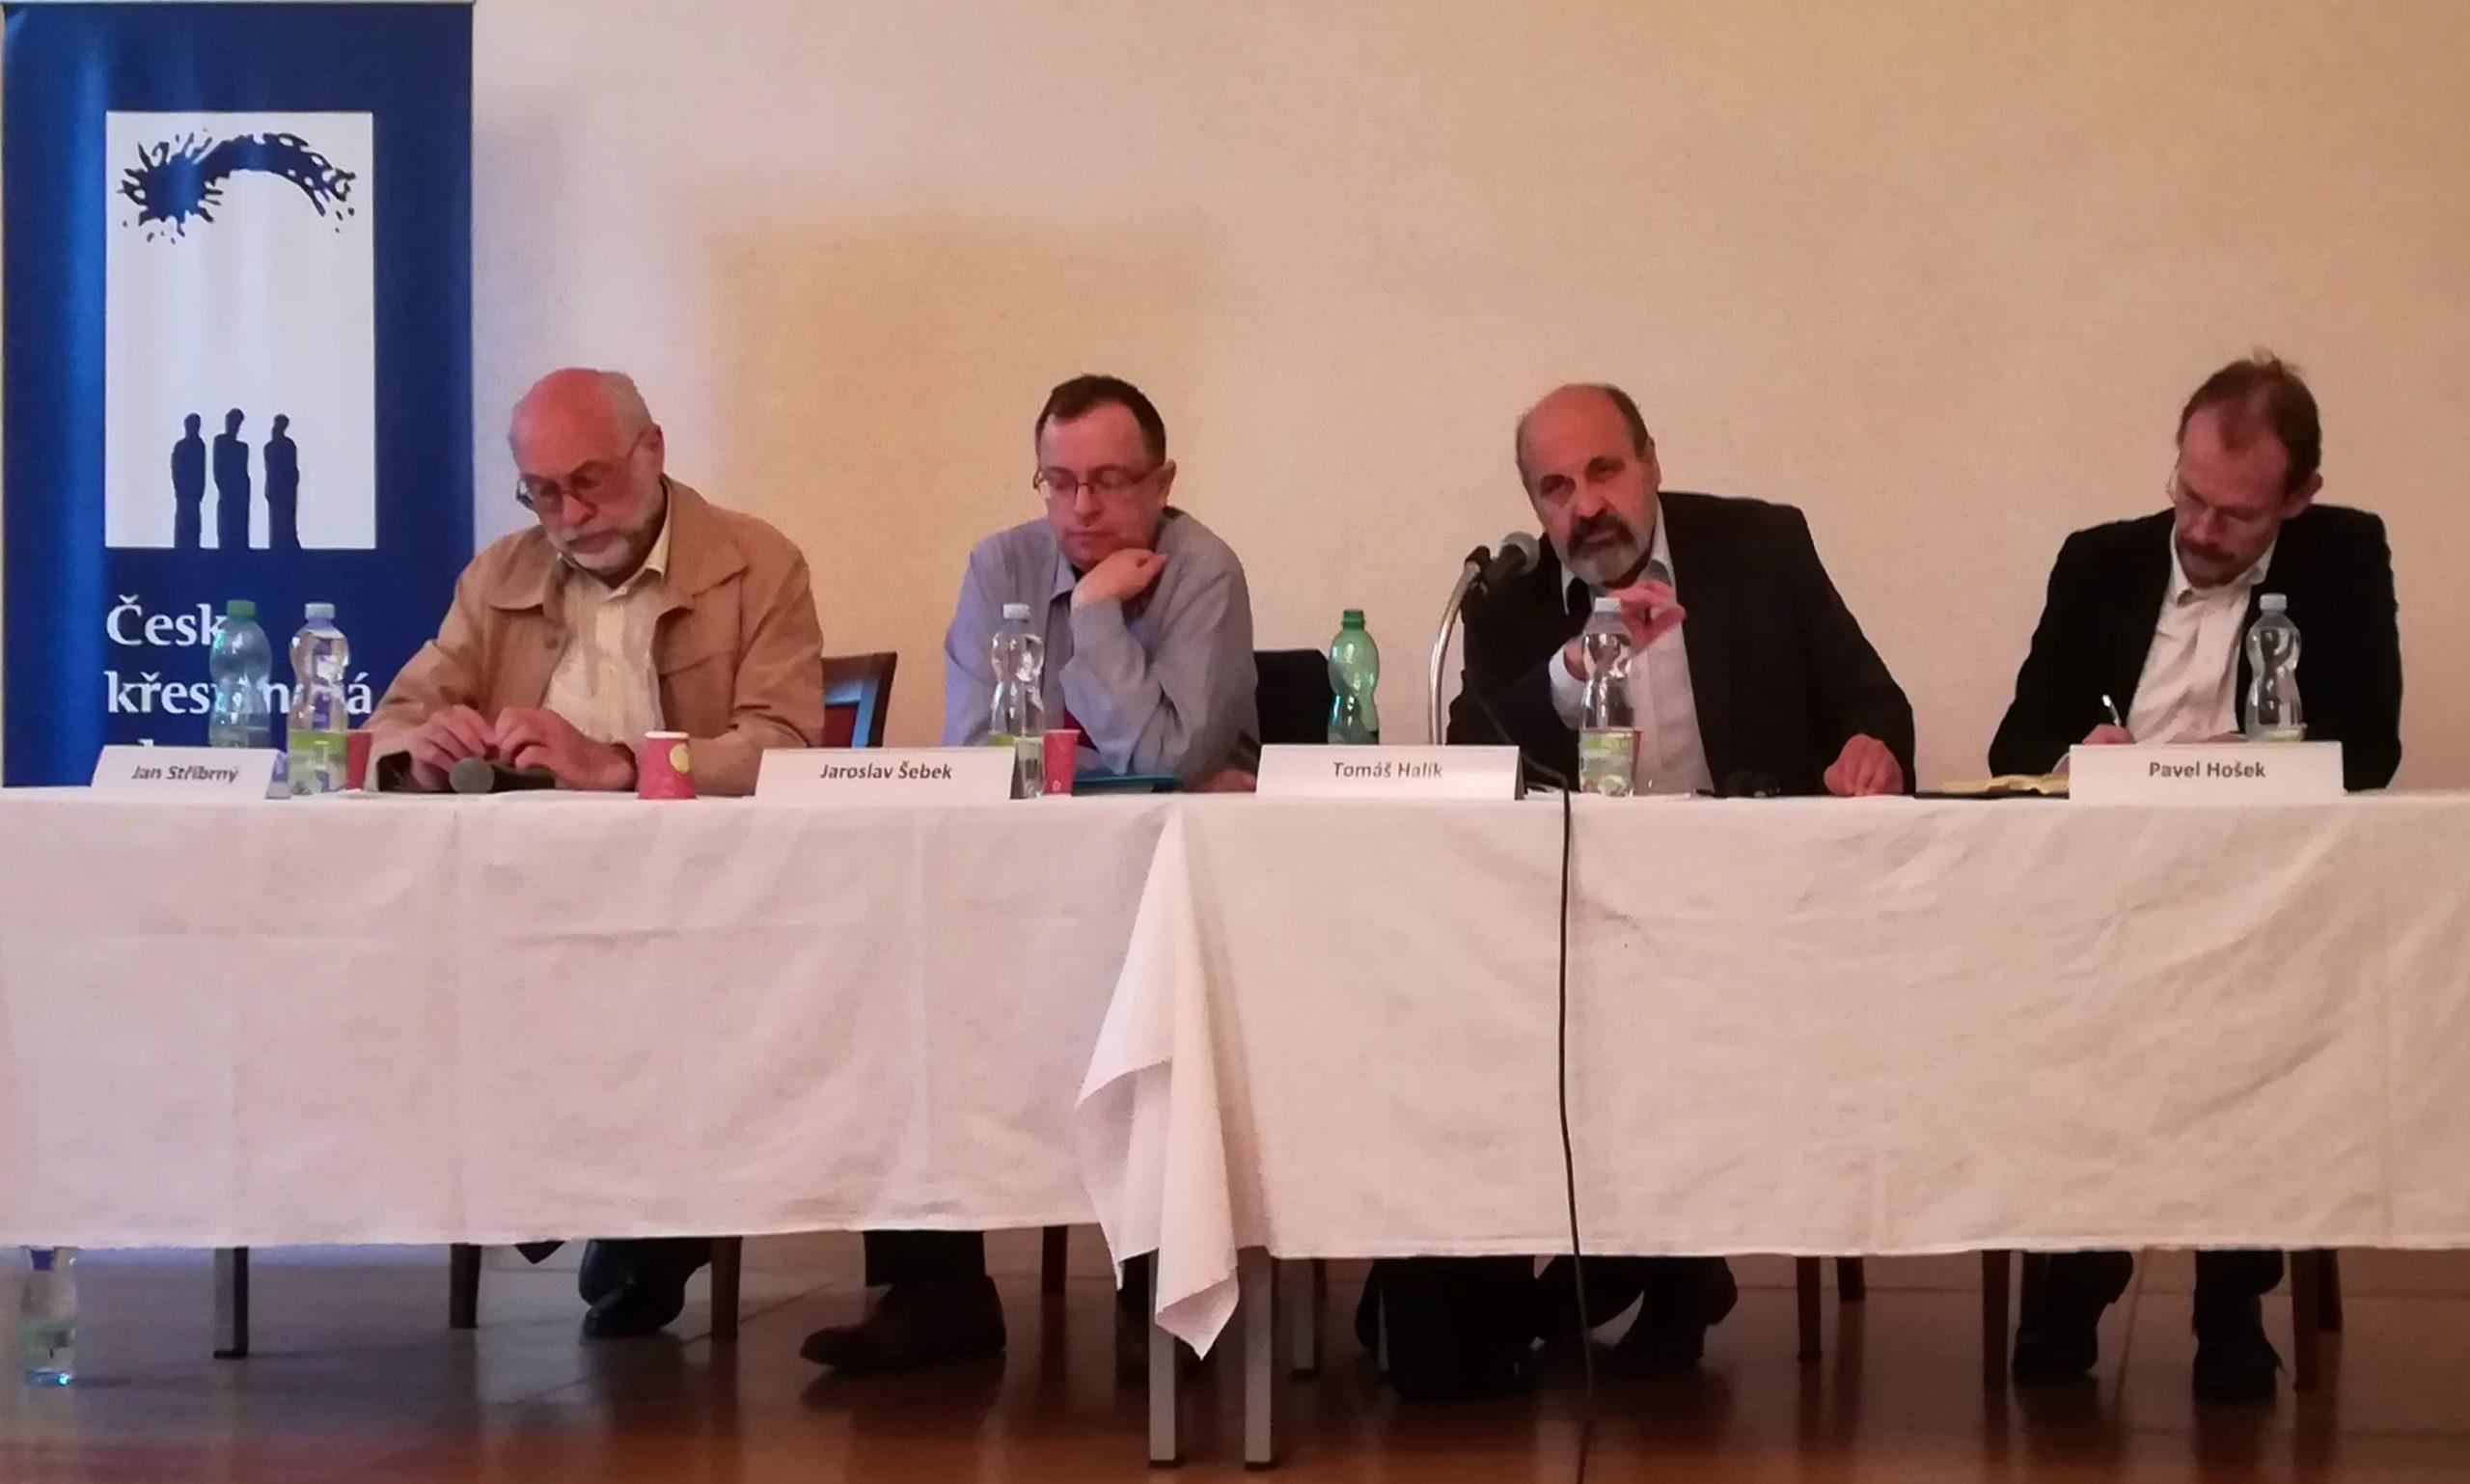 Česká křesťanská akademie uspořádala panelovou diskusi opandemii